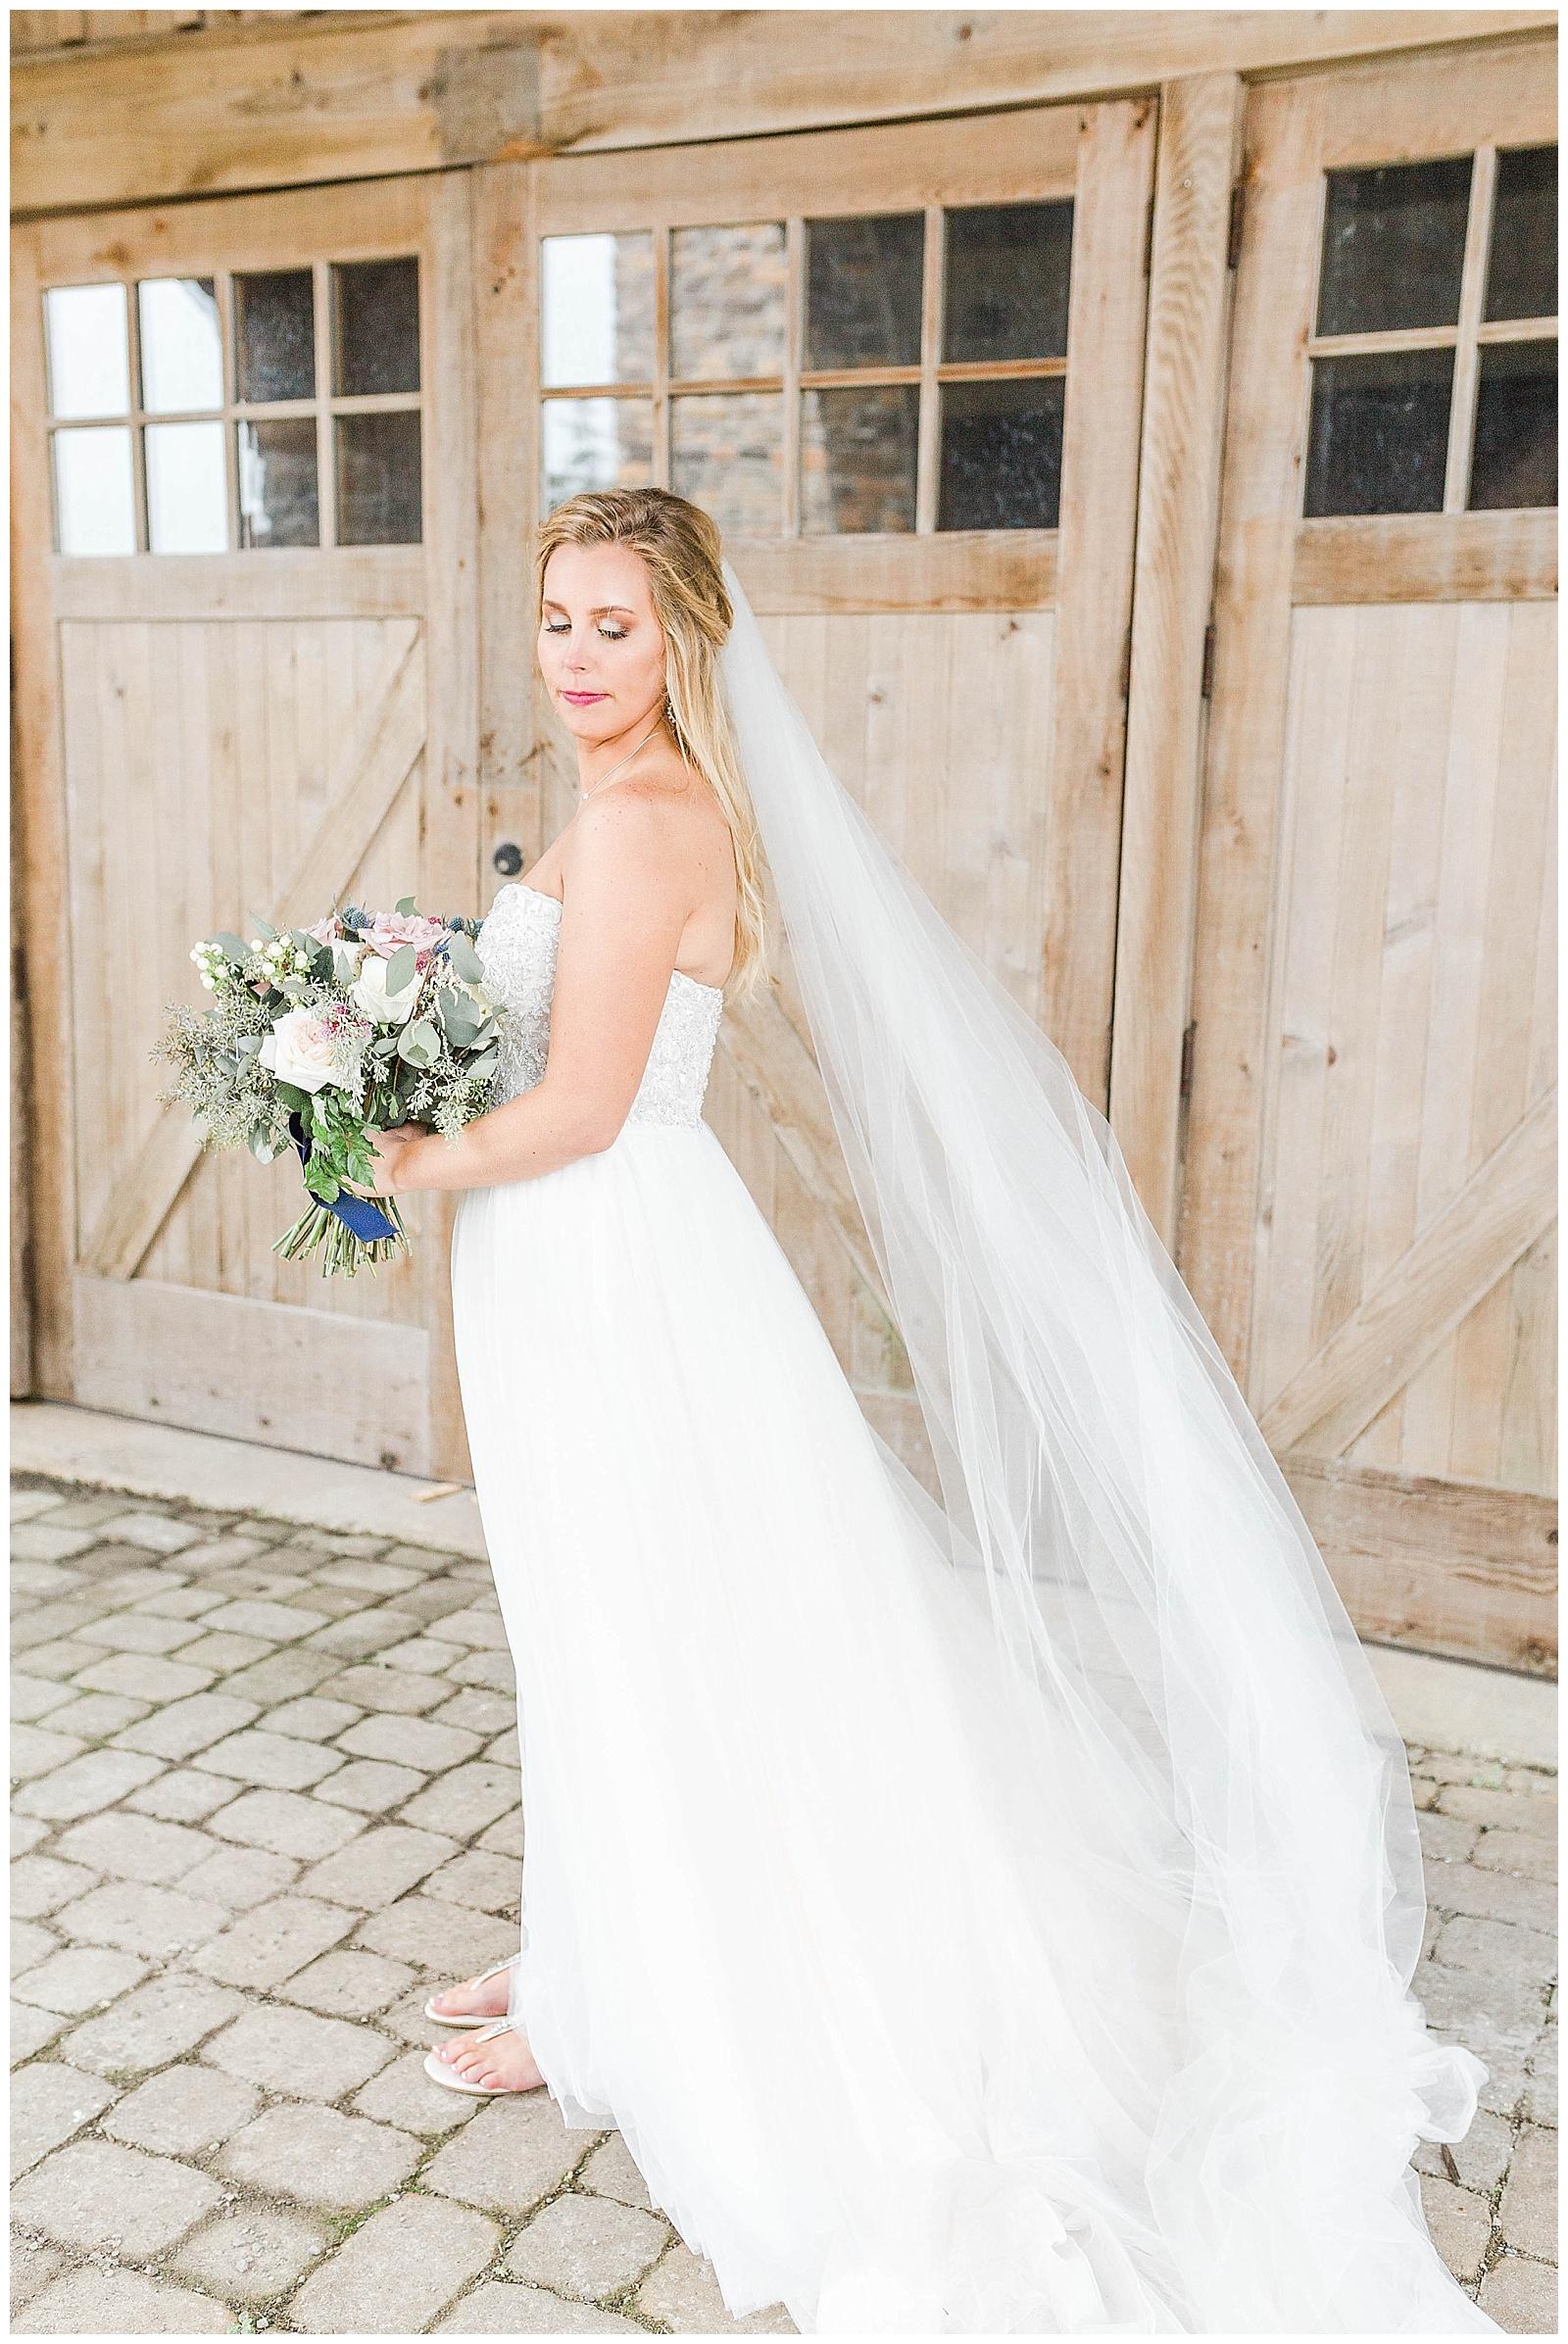 Saiko_Kara_Blakeman_Photography_Snowshoe_Wedding_Wv_2018_7